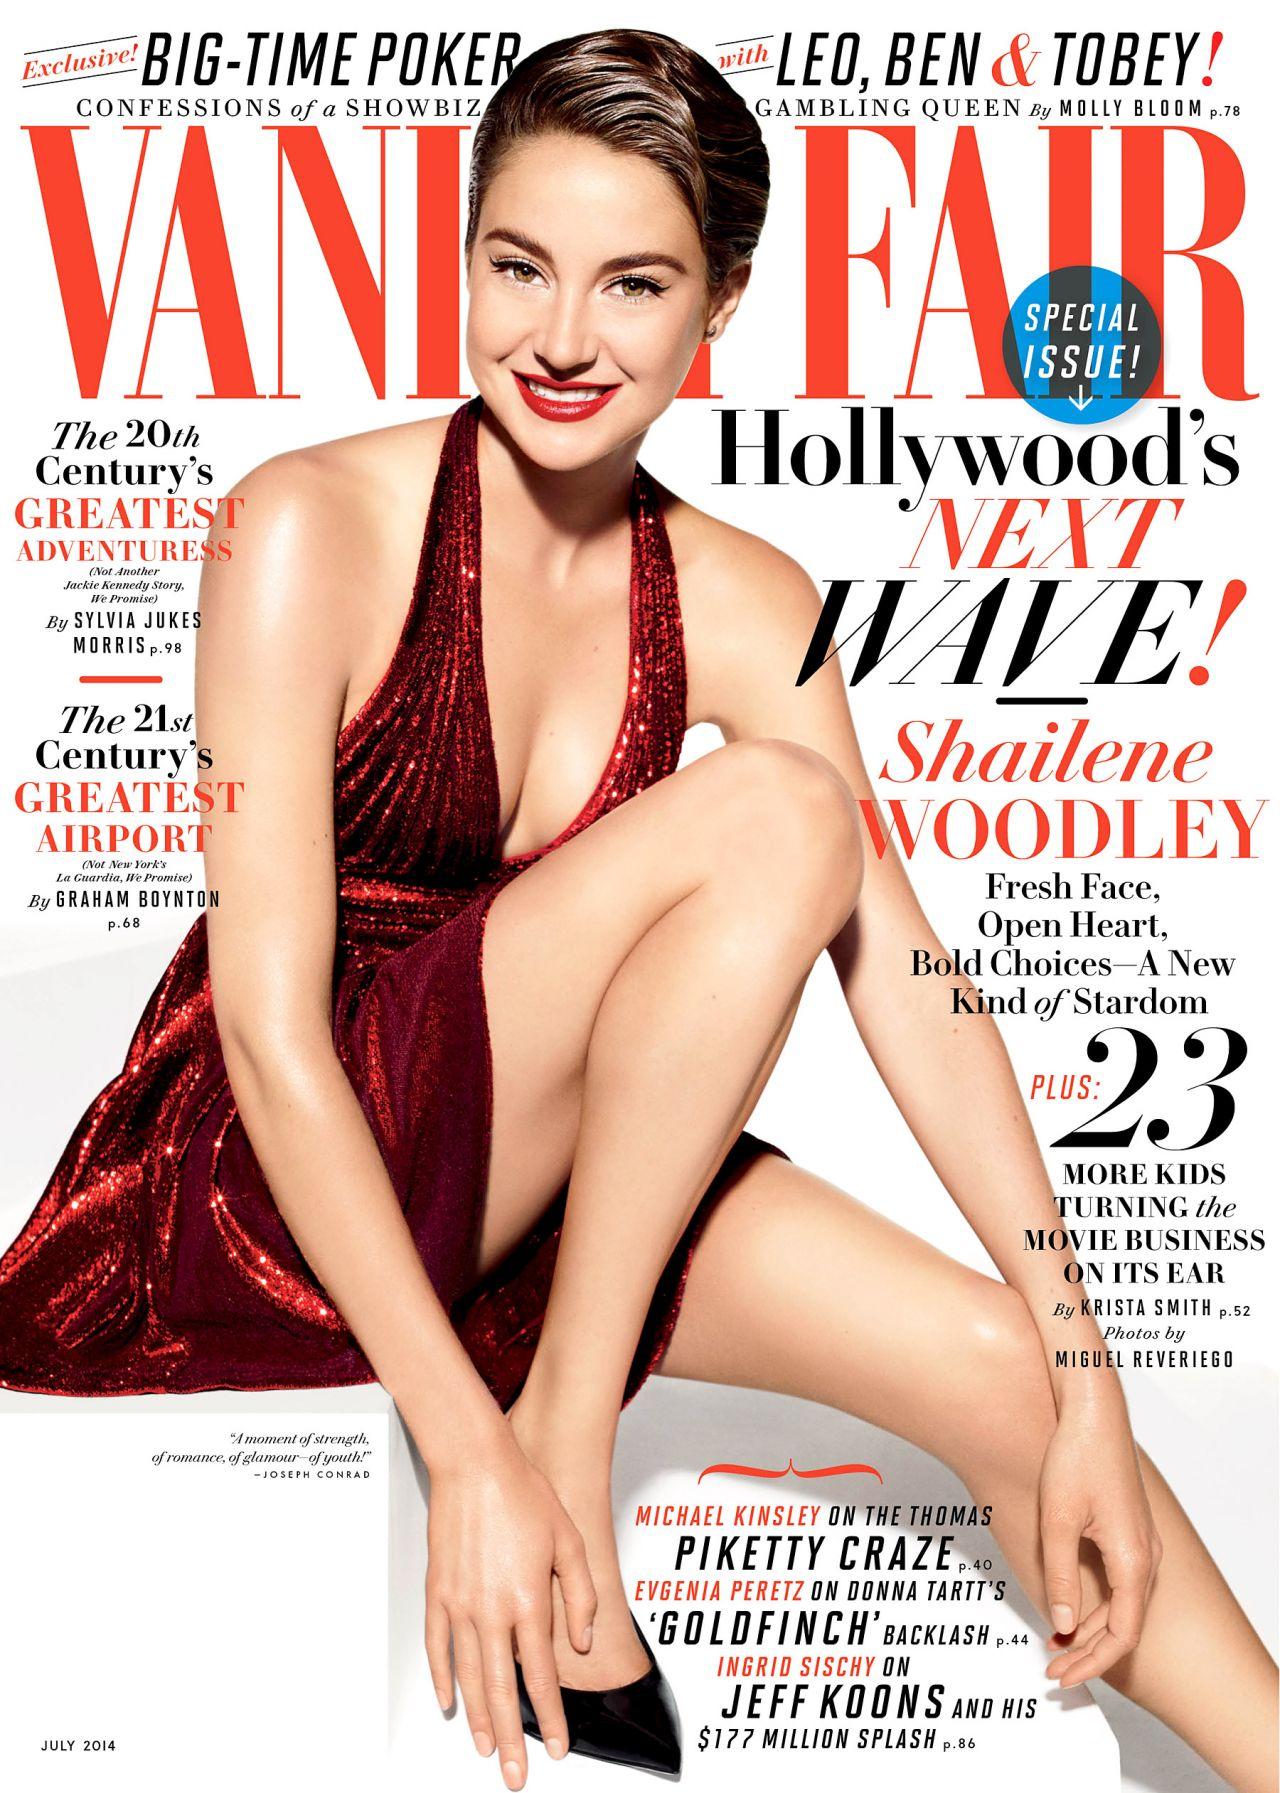 Shailene Woodley U2013 Vanity Fair Magazine July 2014 Issue